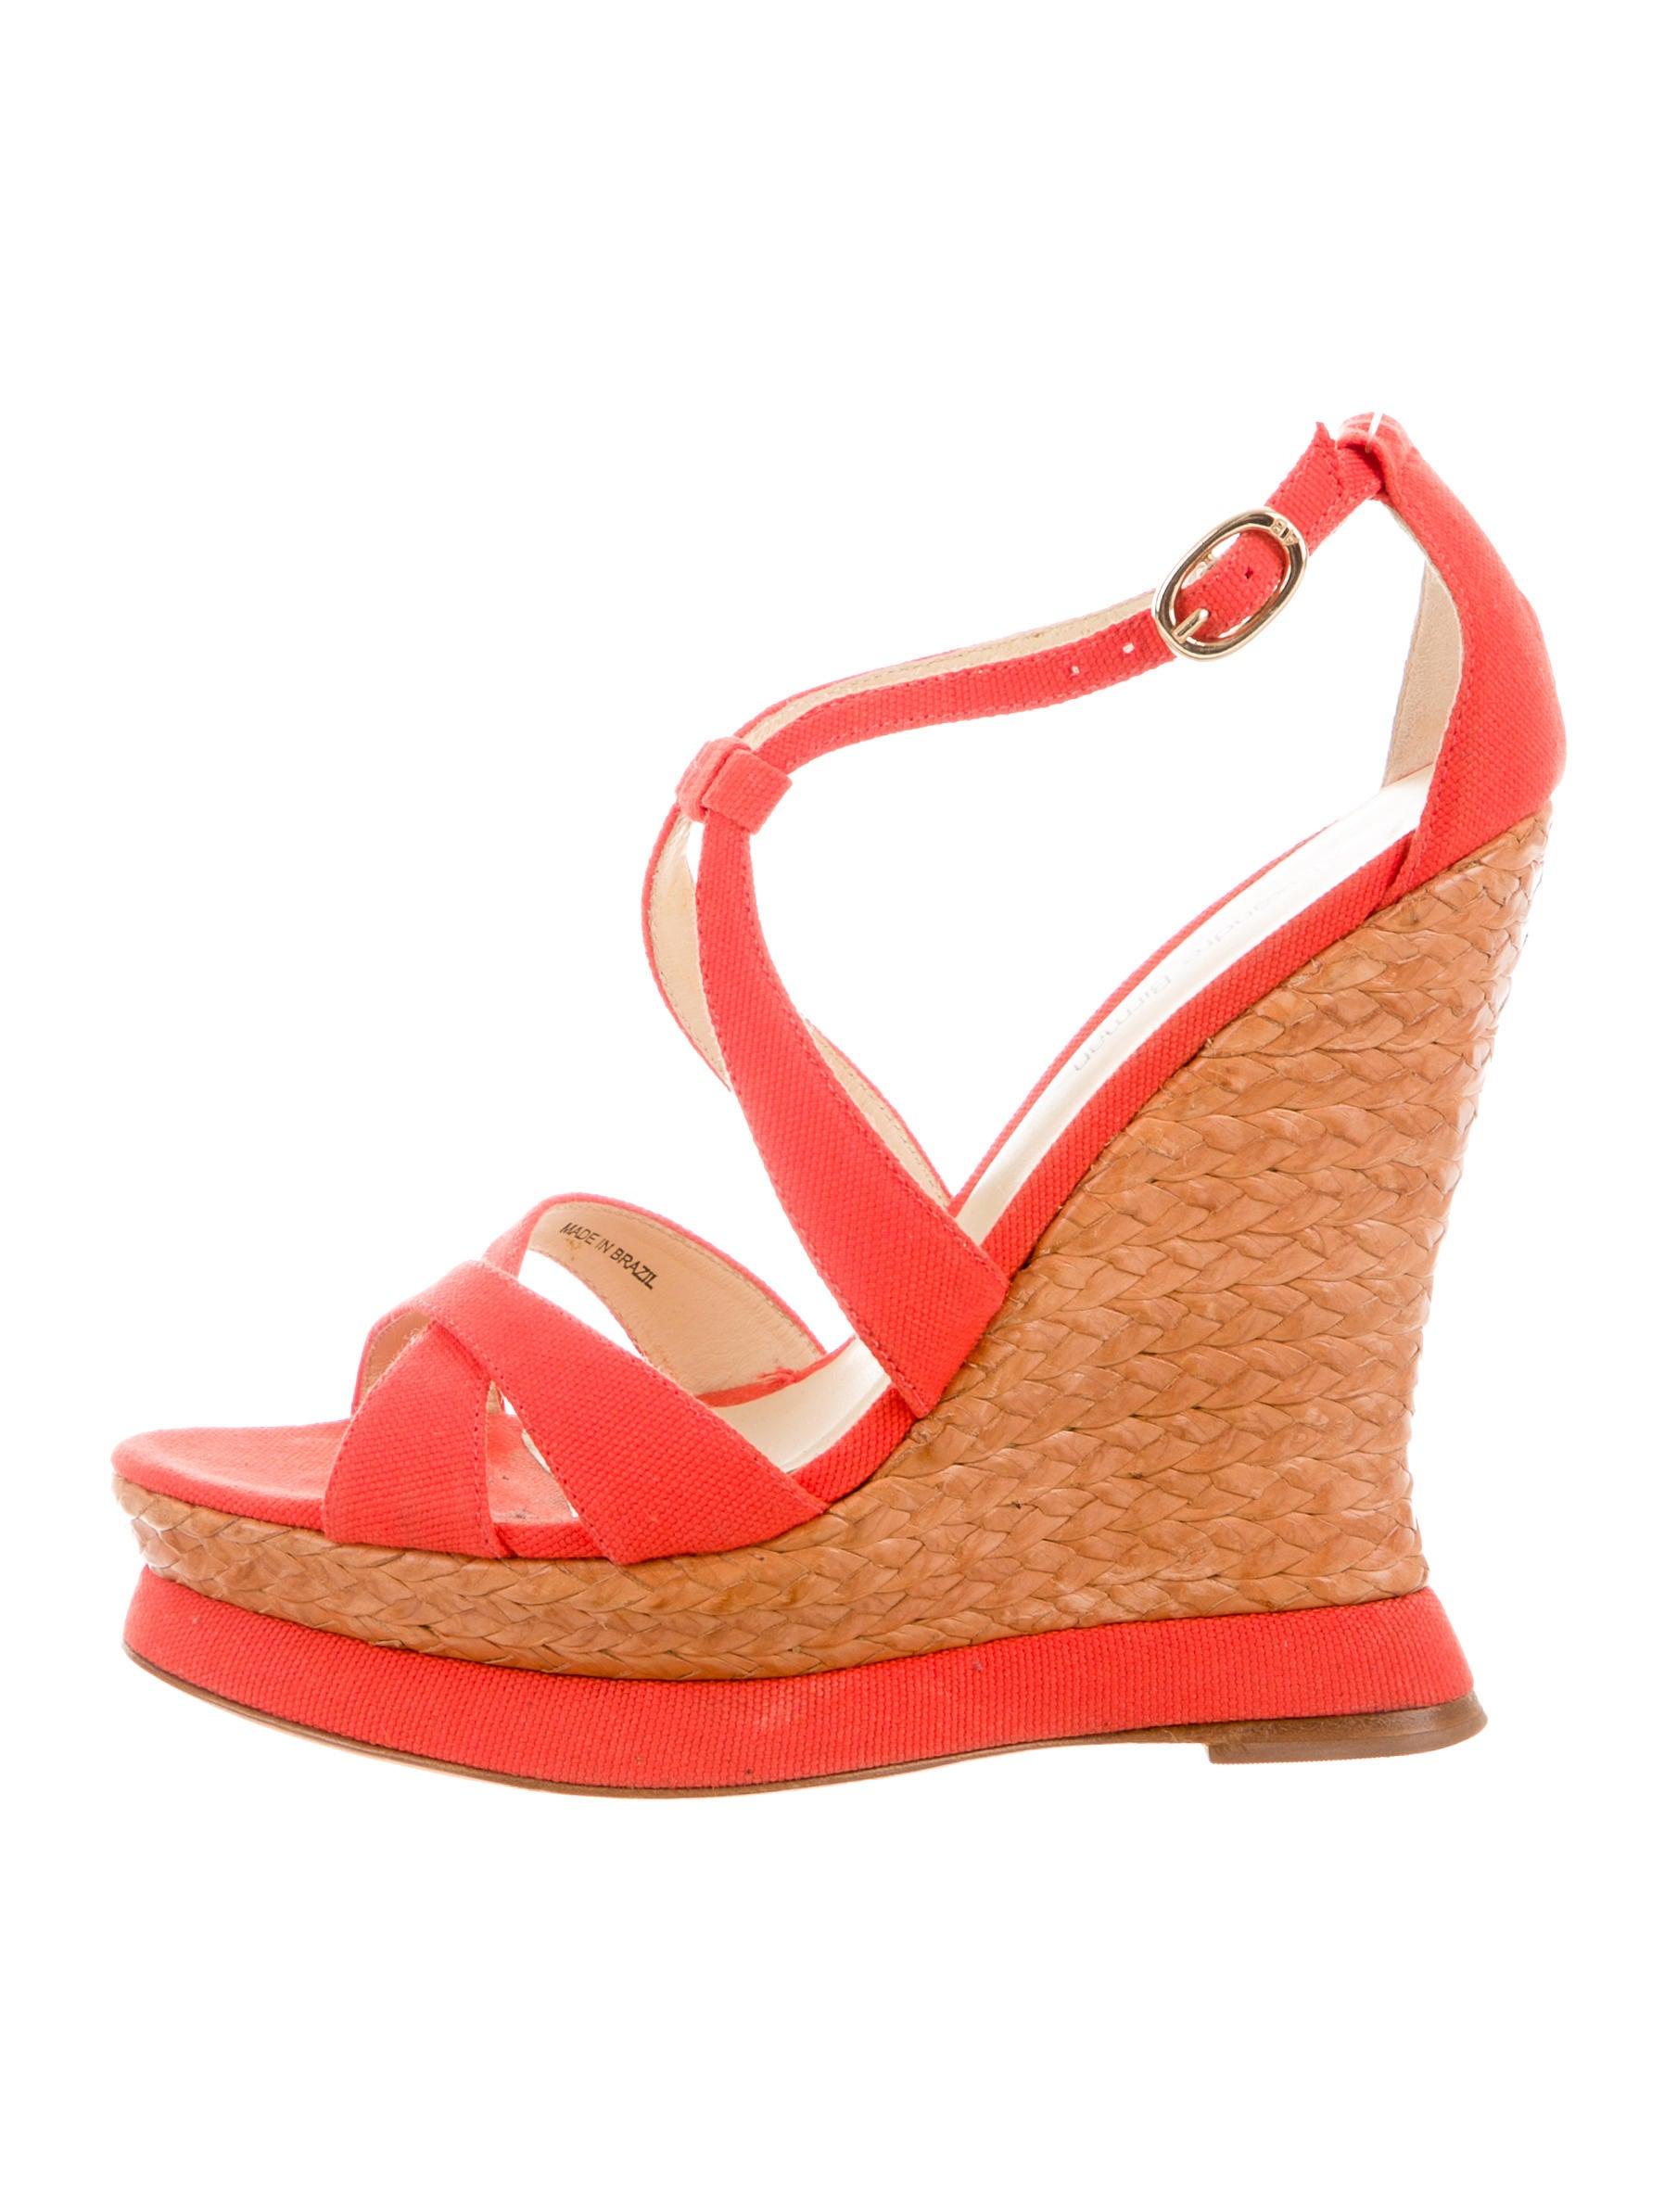 alexandre birman canvas wedge sandals shoes alr21184